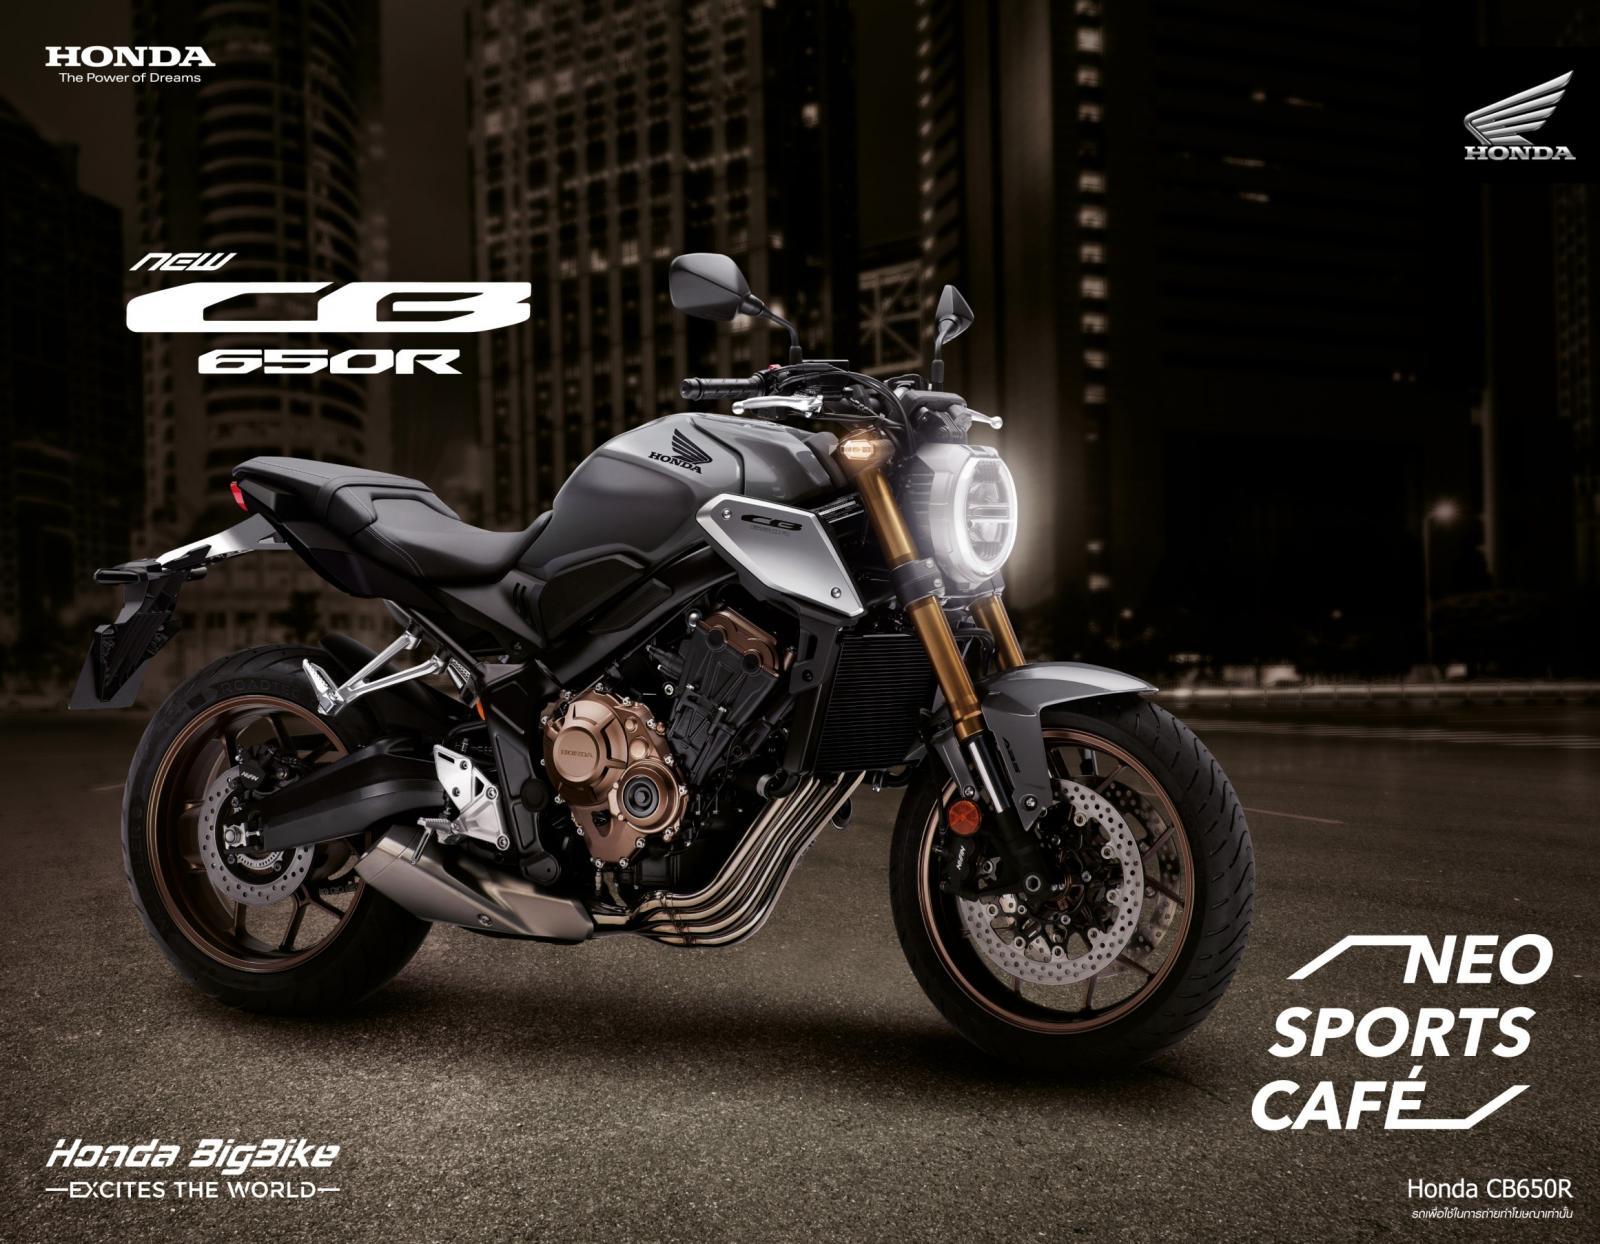 ราคาและตารางผ่อน ดาวน์ Honda CB650R 2021